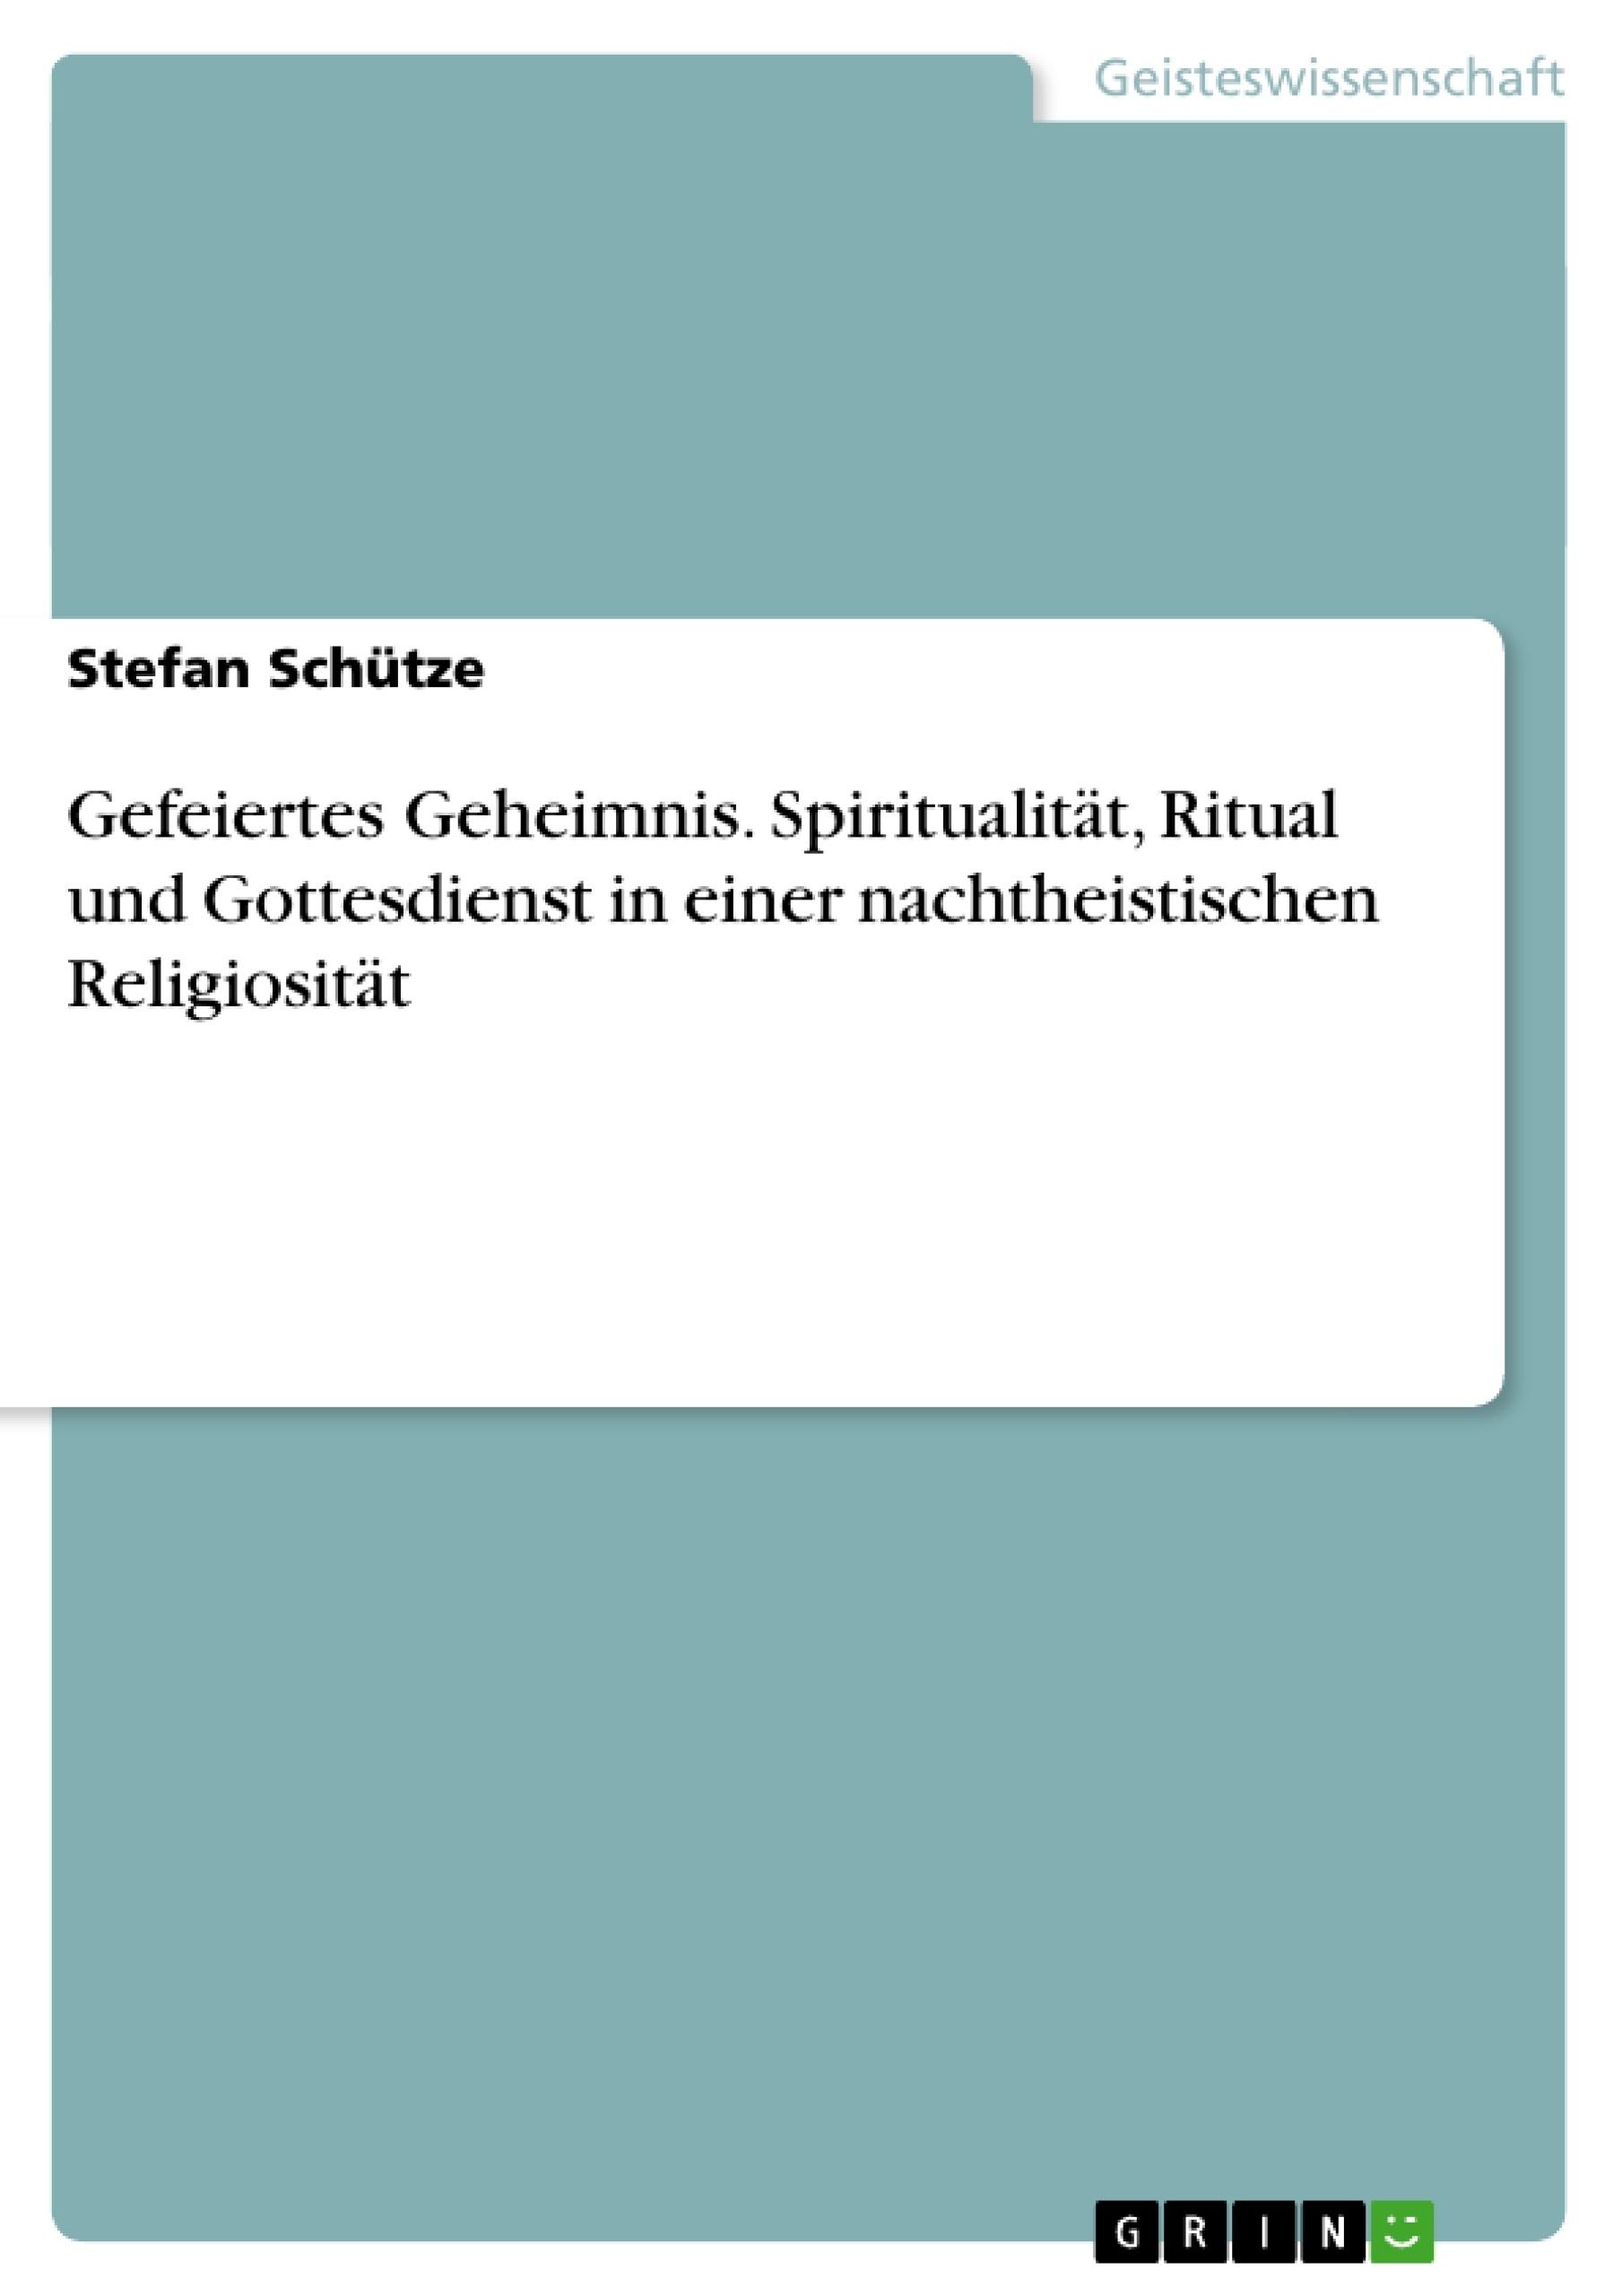 Titel: Gefeiertes Geheimnis. Spiritualität, Ritual und Gottesdienst in einer nachtheistischen Religiosität